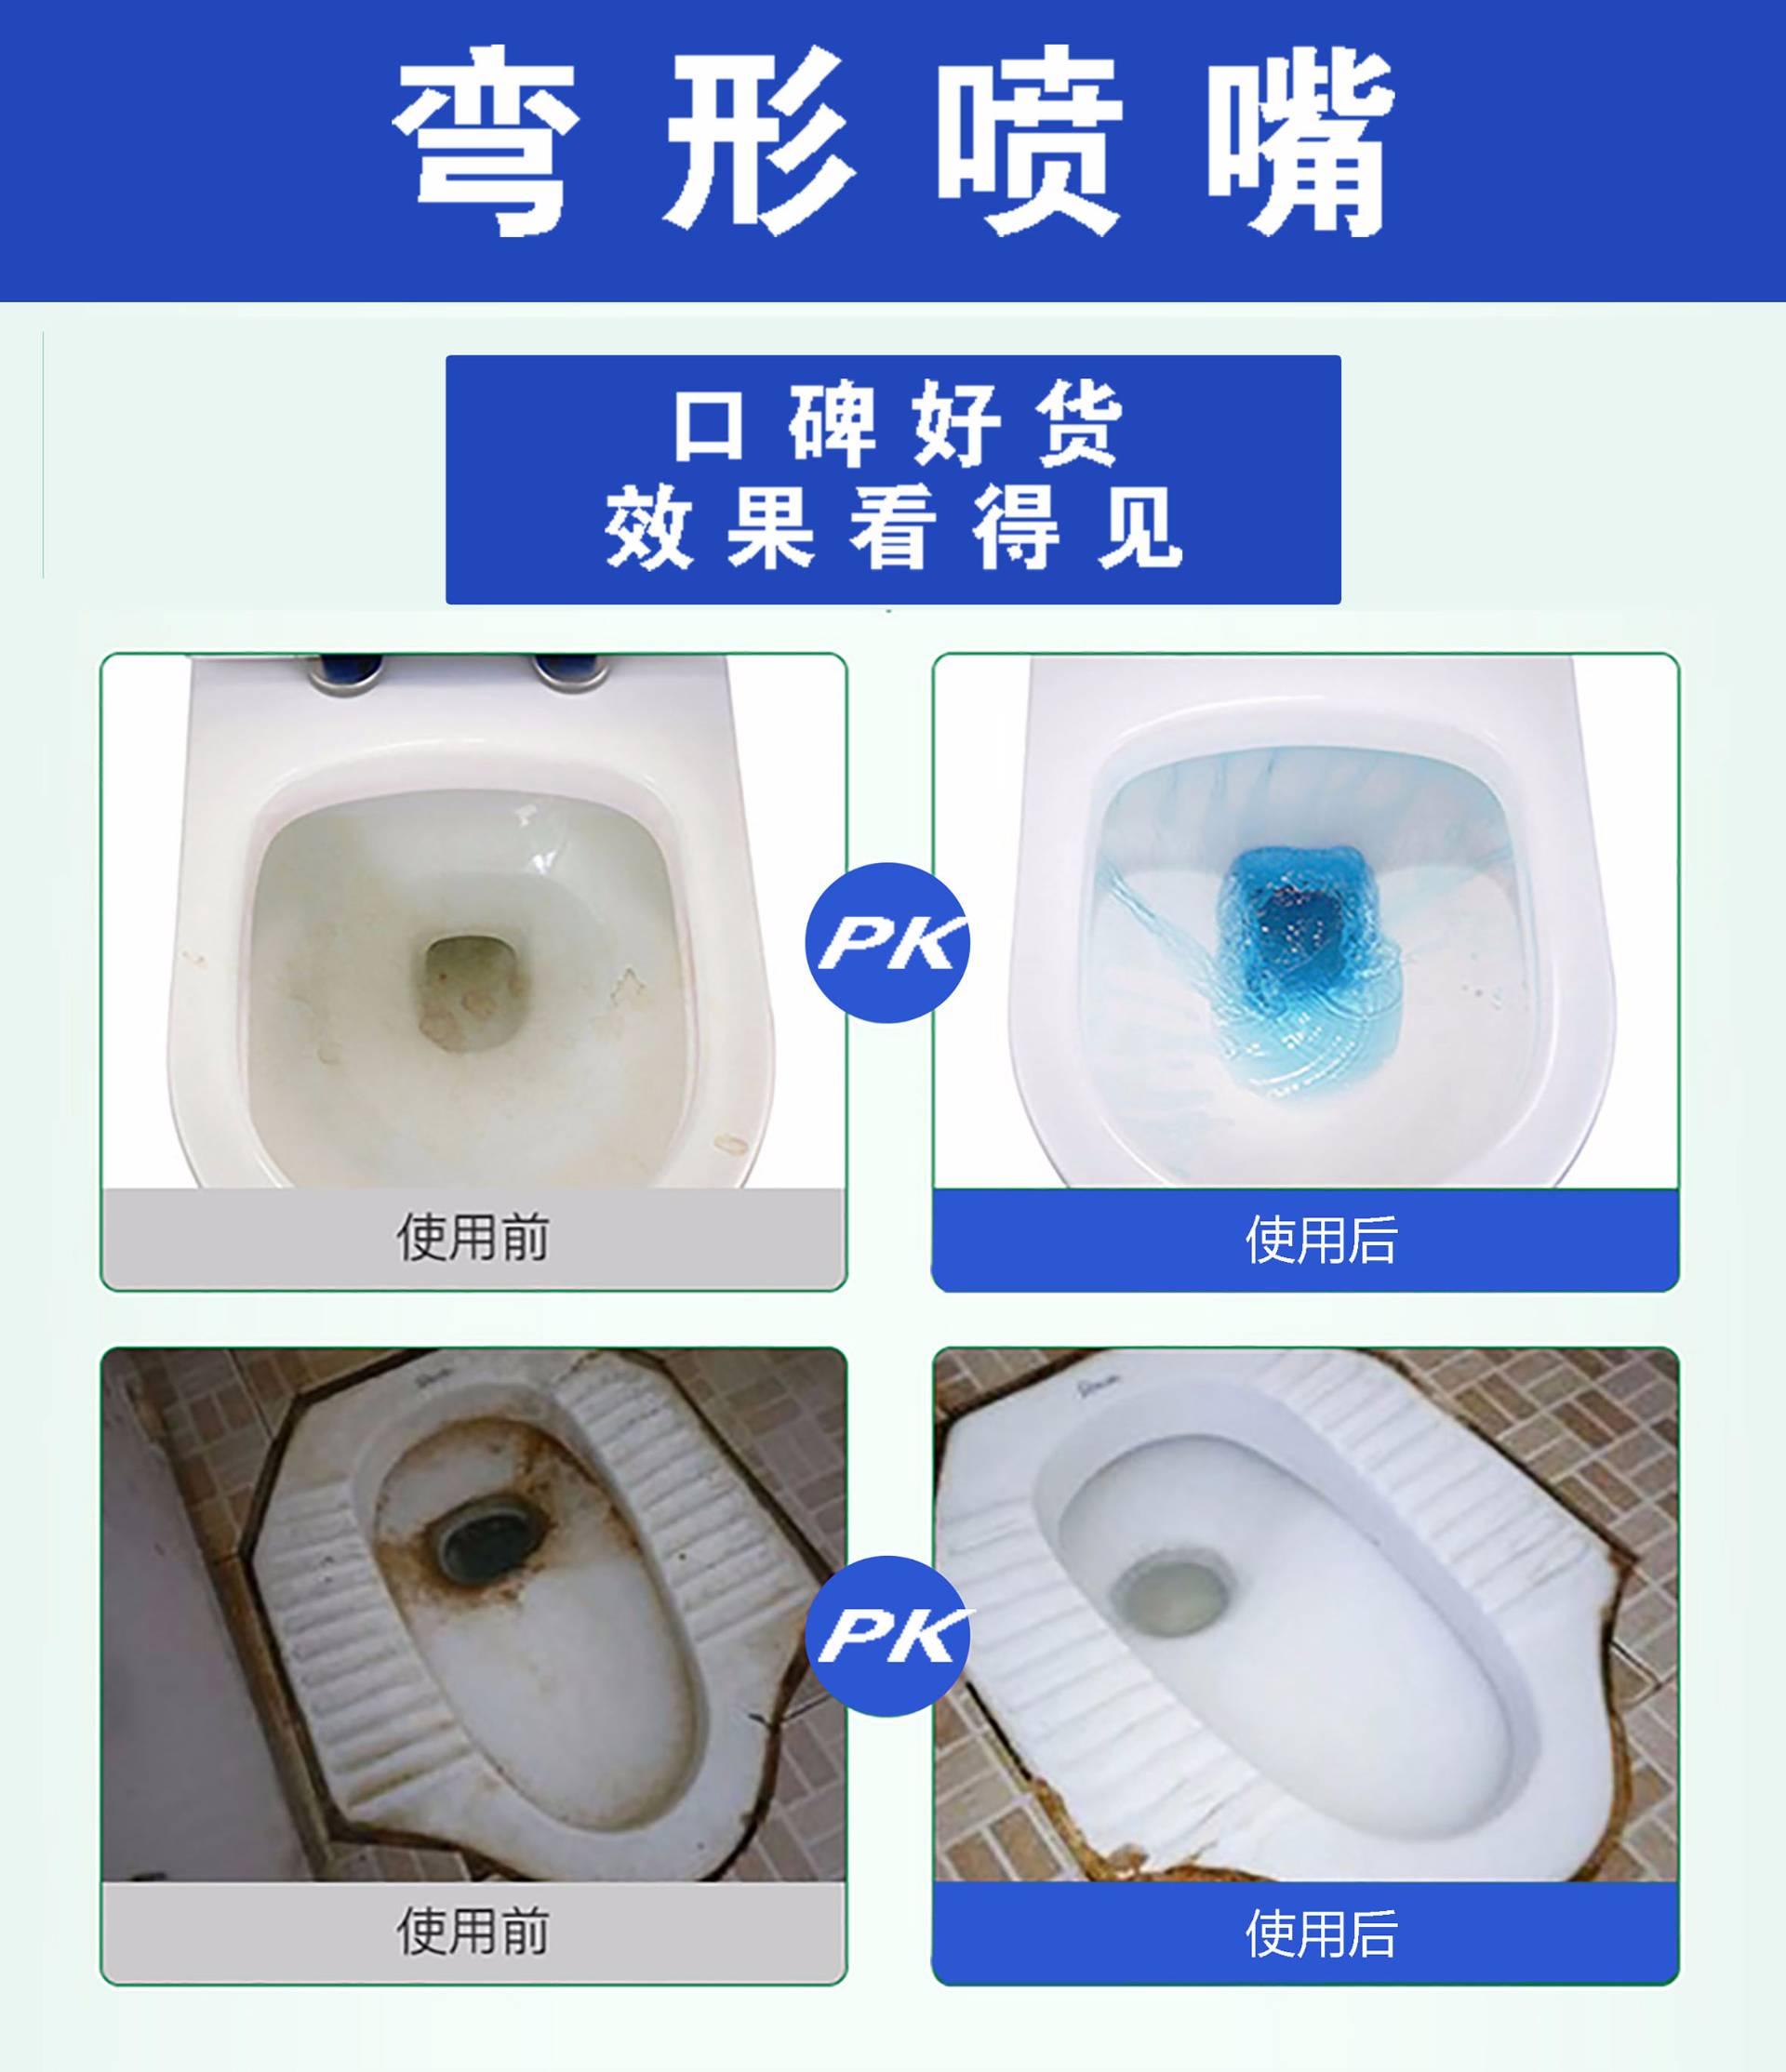 加香型洁厕灵-600g_07